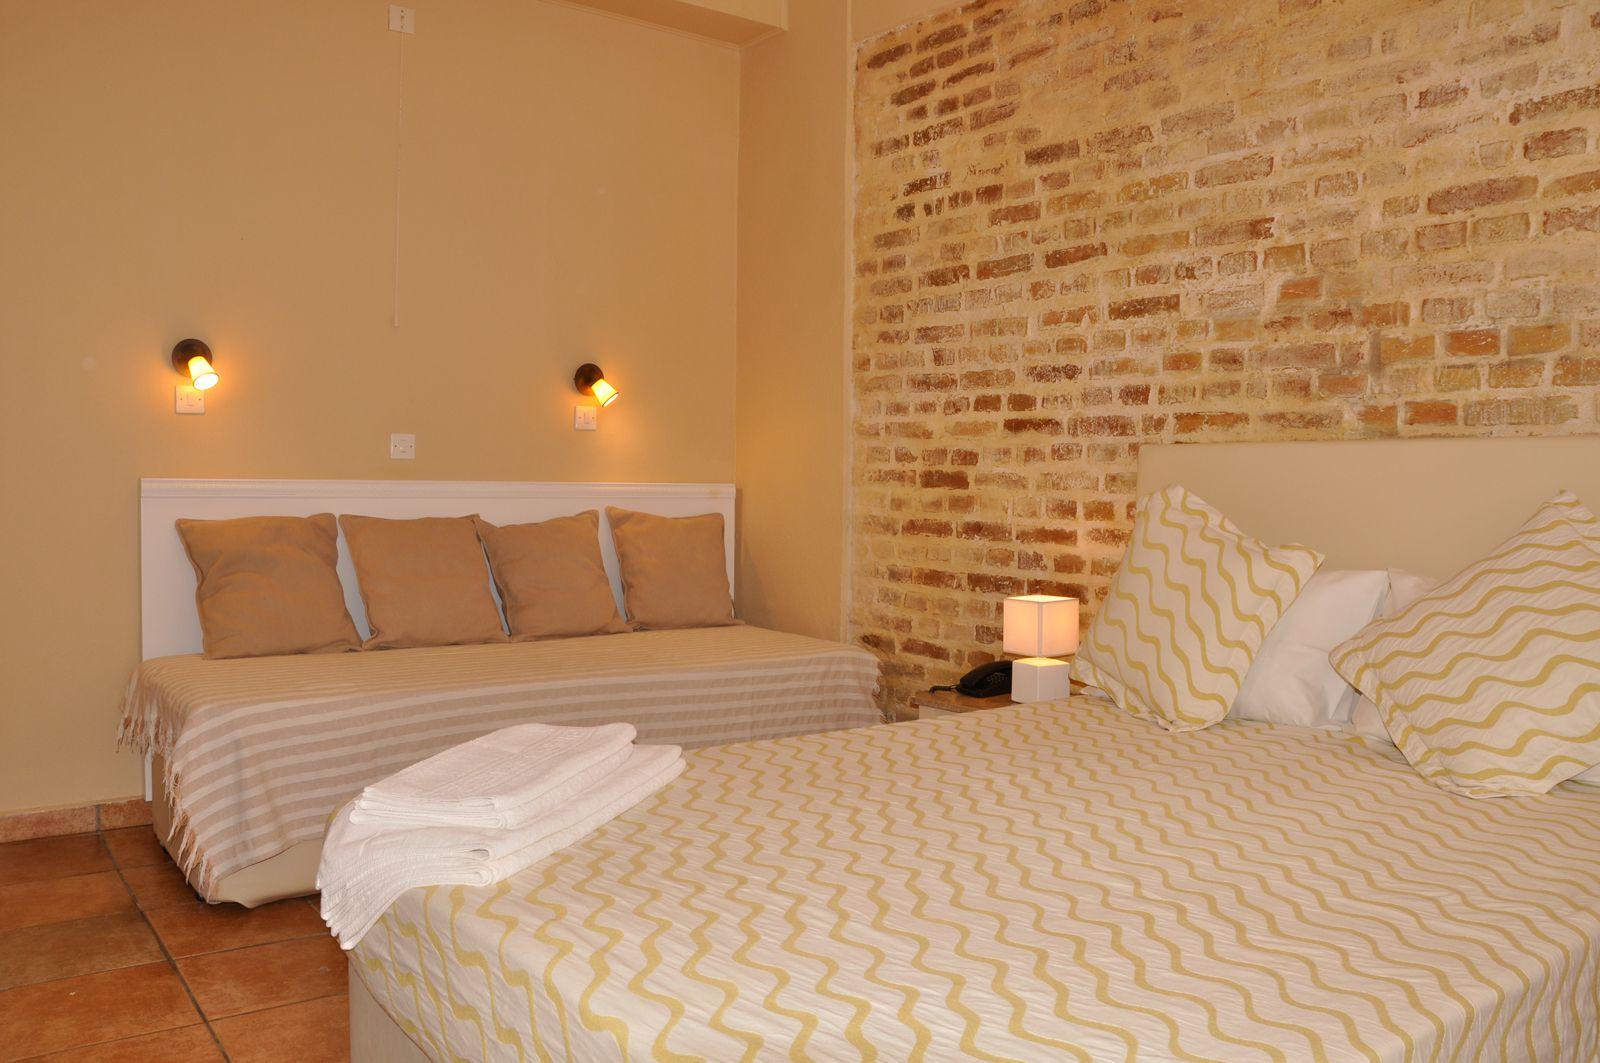 Family Room Zefiros Hotel Paleokastritsa